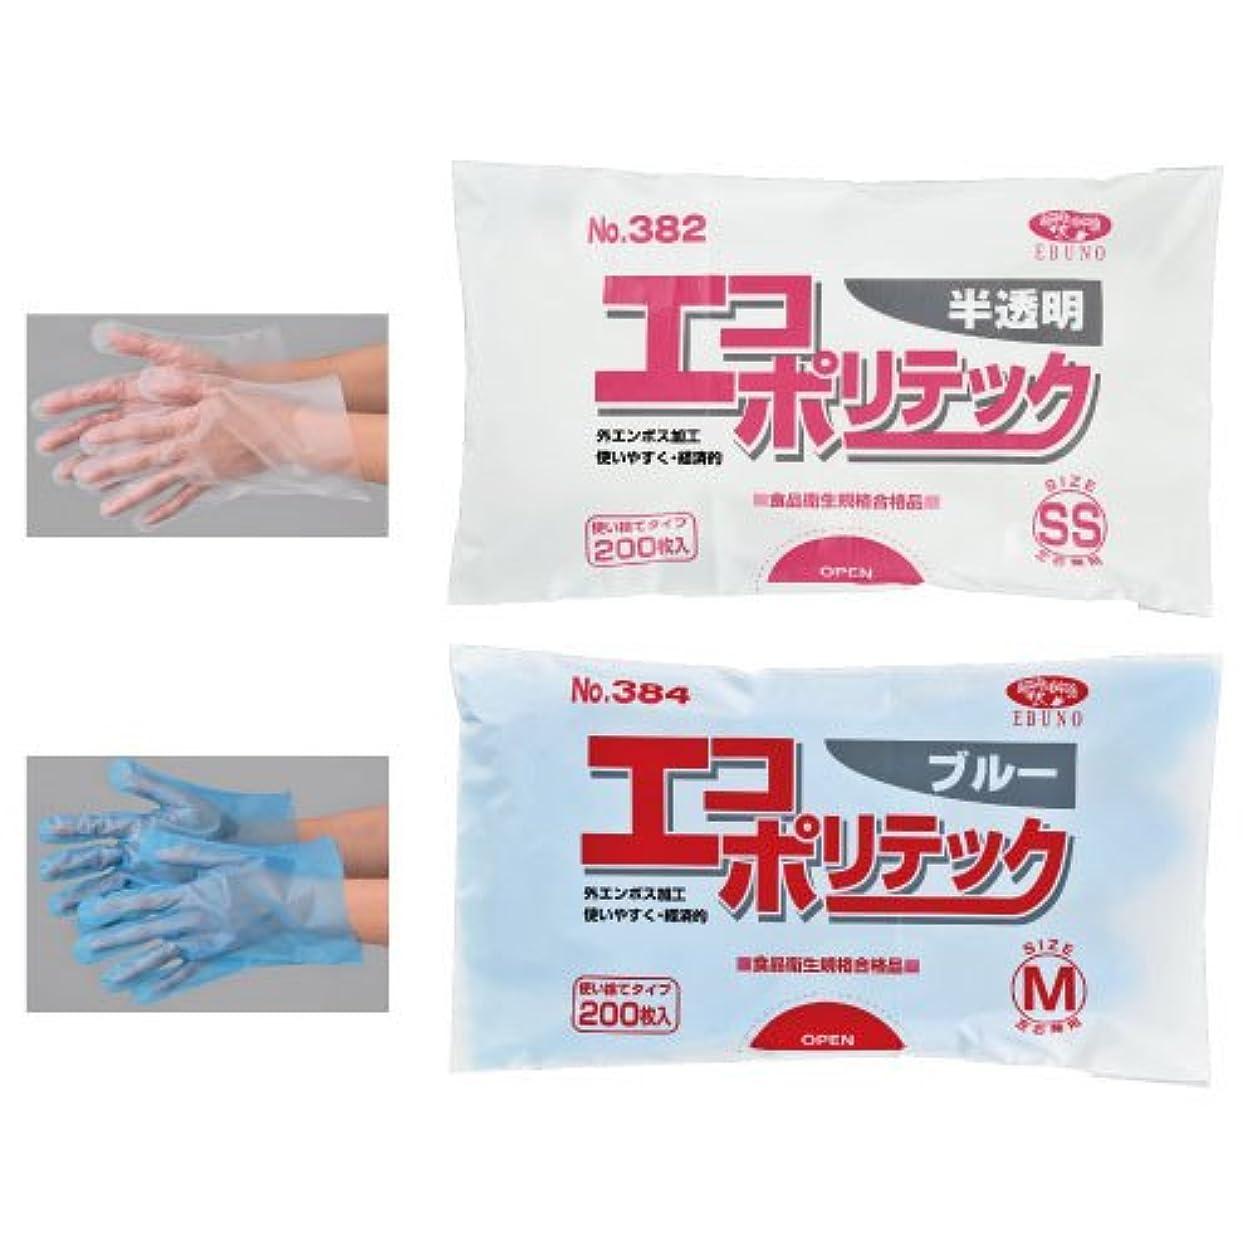 扱う囲いおとうさんエブノ ポリエチレン手袋 No.382 M 半透明 (200枚×30袋) エコポリテック 袋入